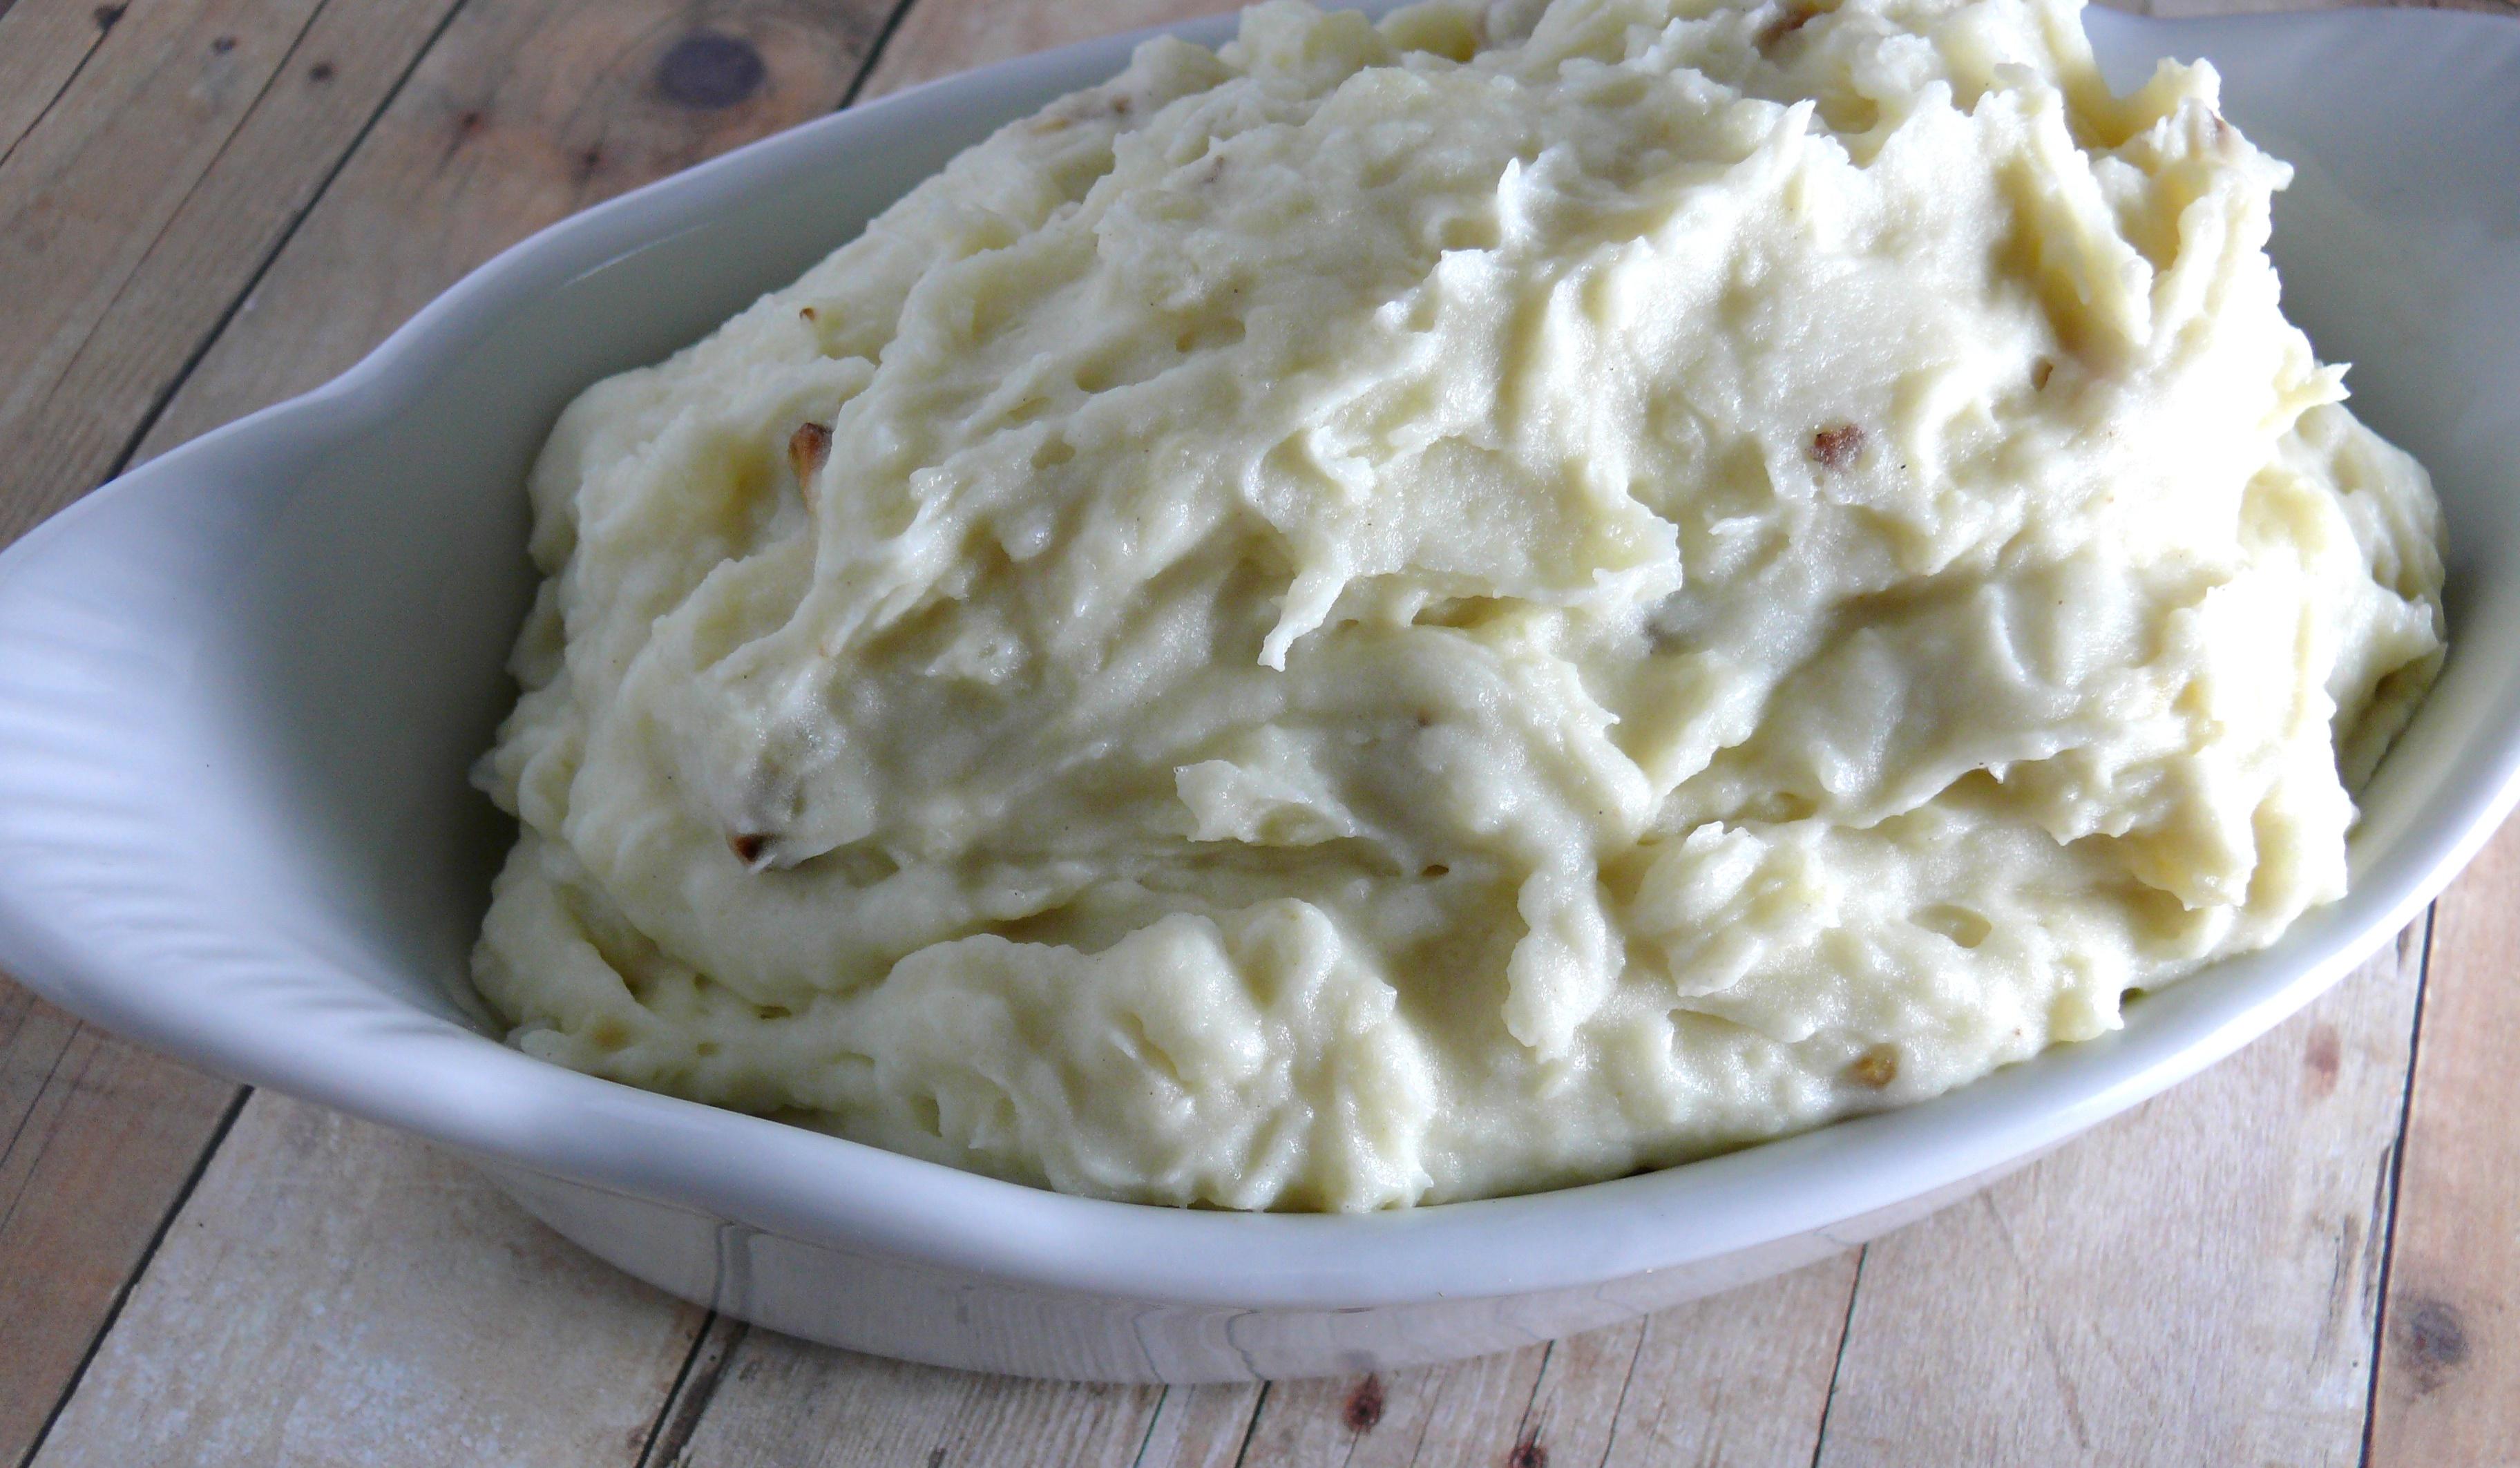 Roasted Garlic Mashed Potatoes - Mayabugs's Recipes